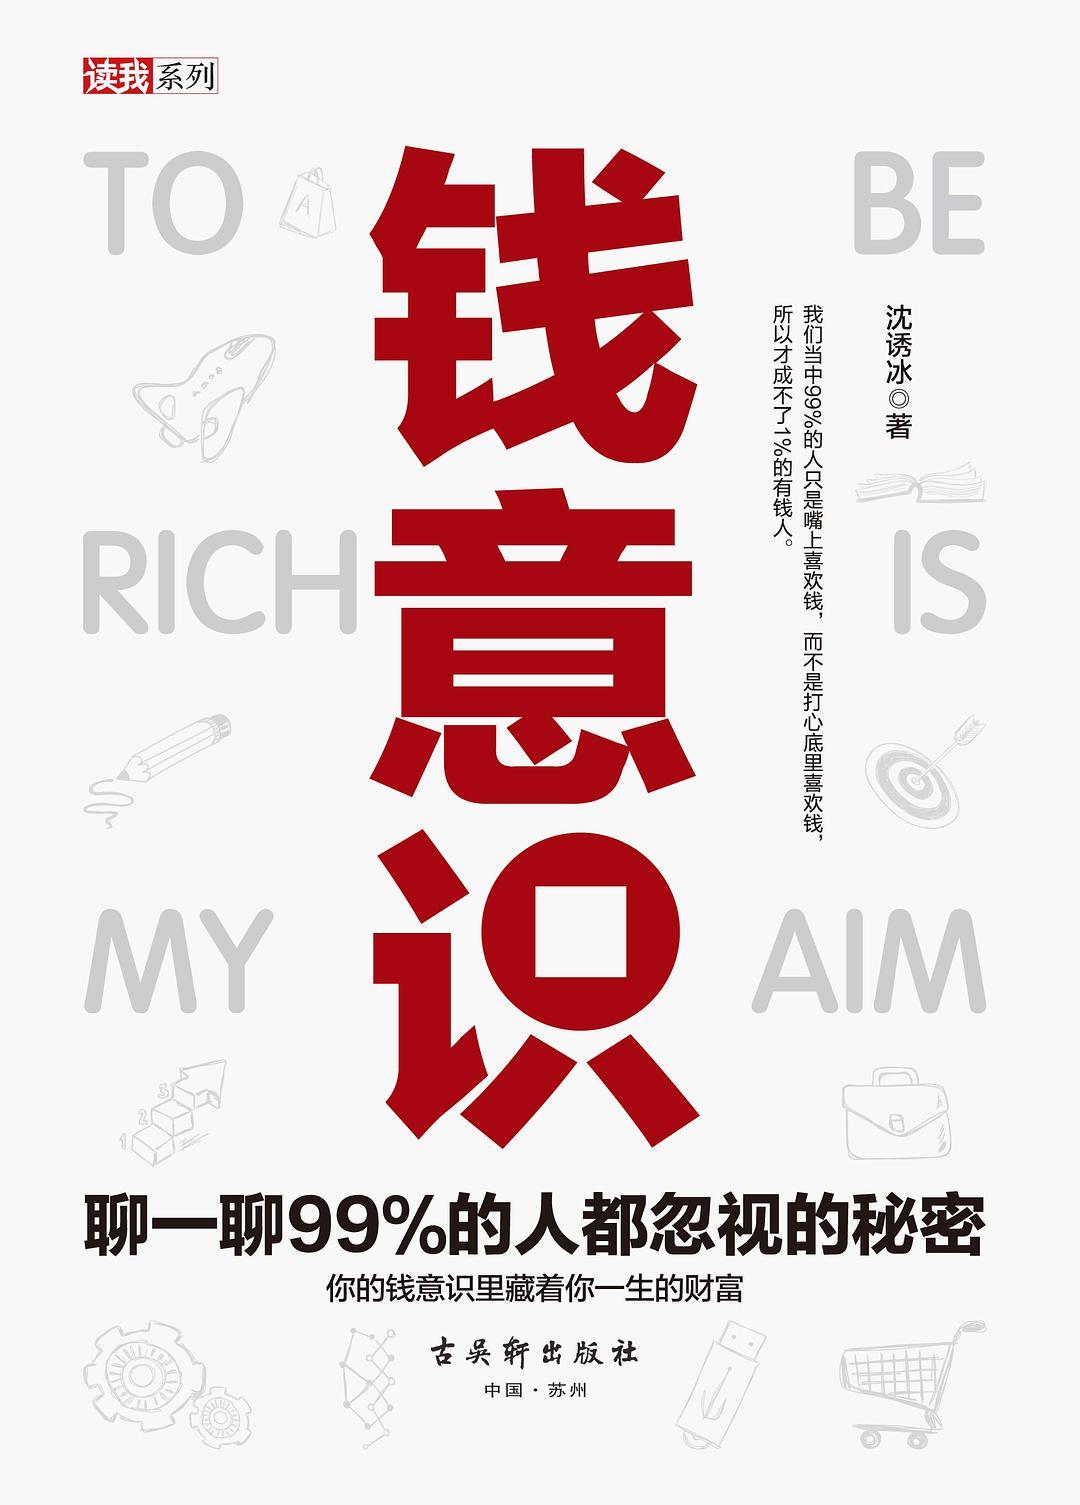 钱意识聊PDF下载